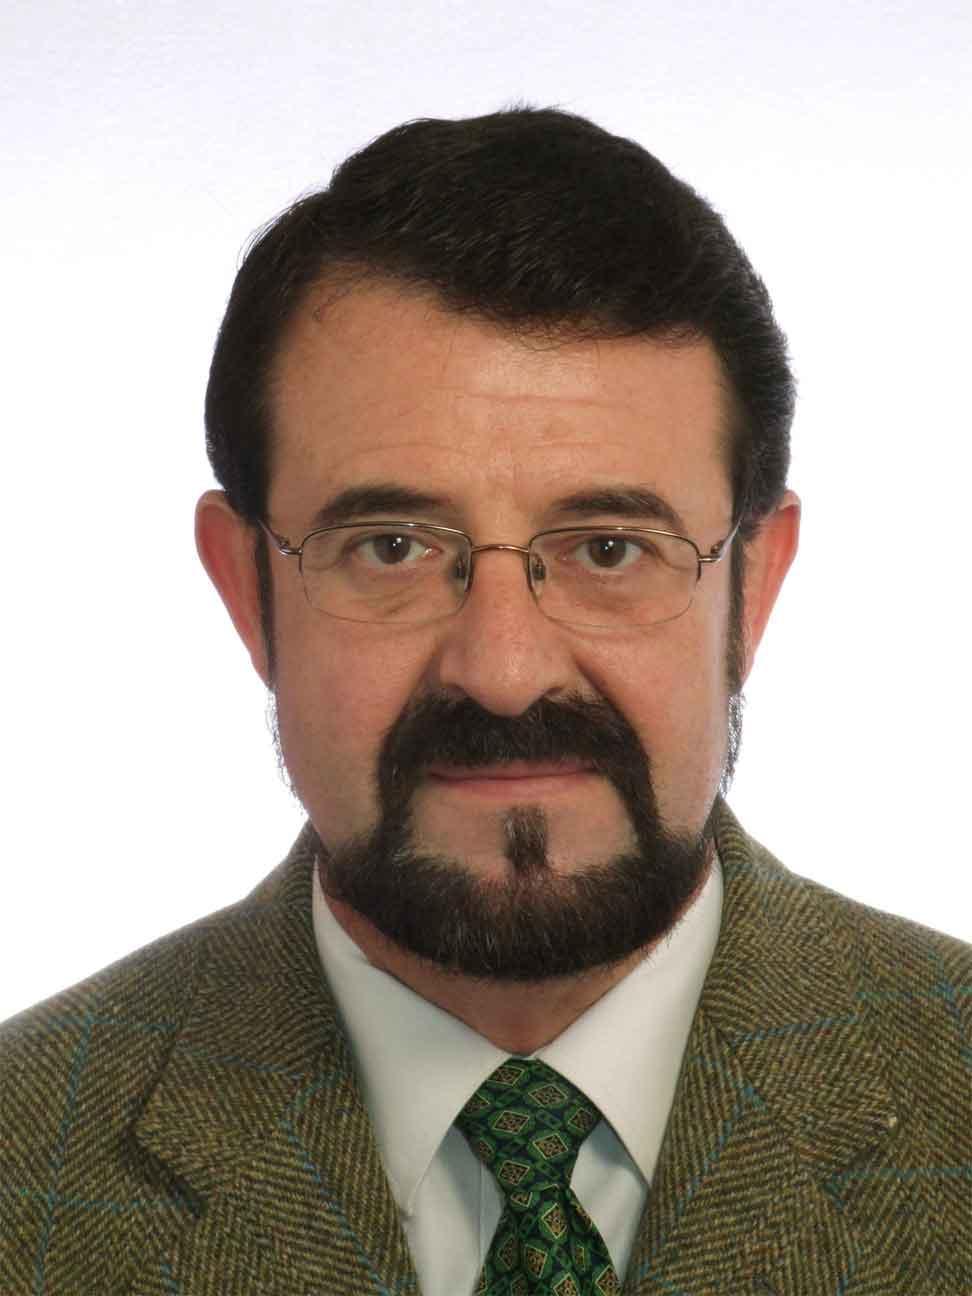 JOSÉ LUIS SOLDEVILLA LAMIKIZ